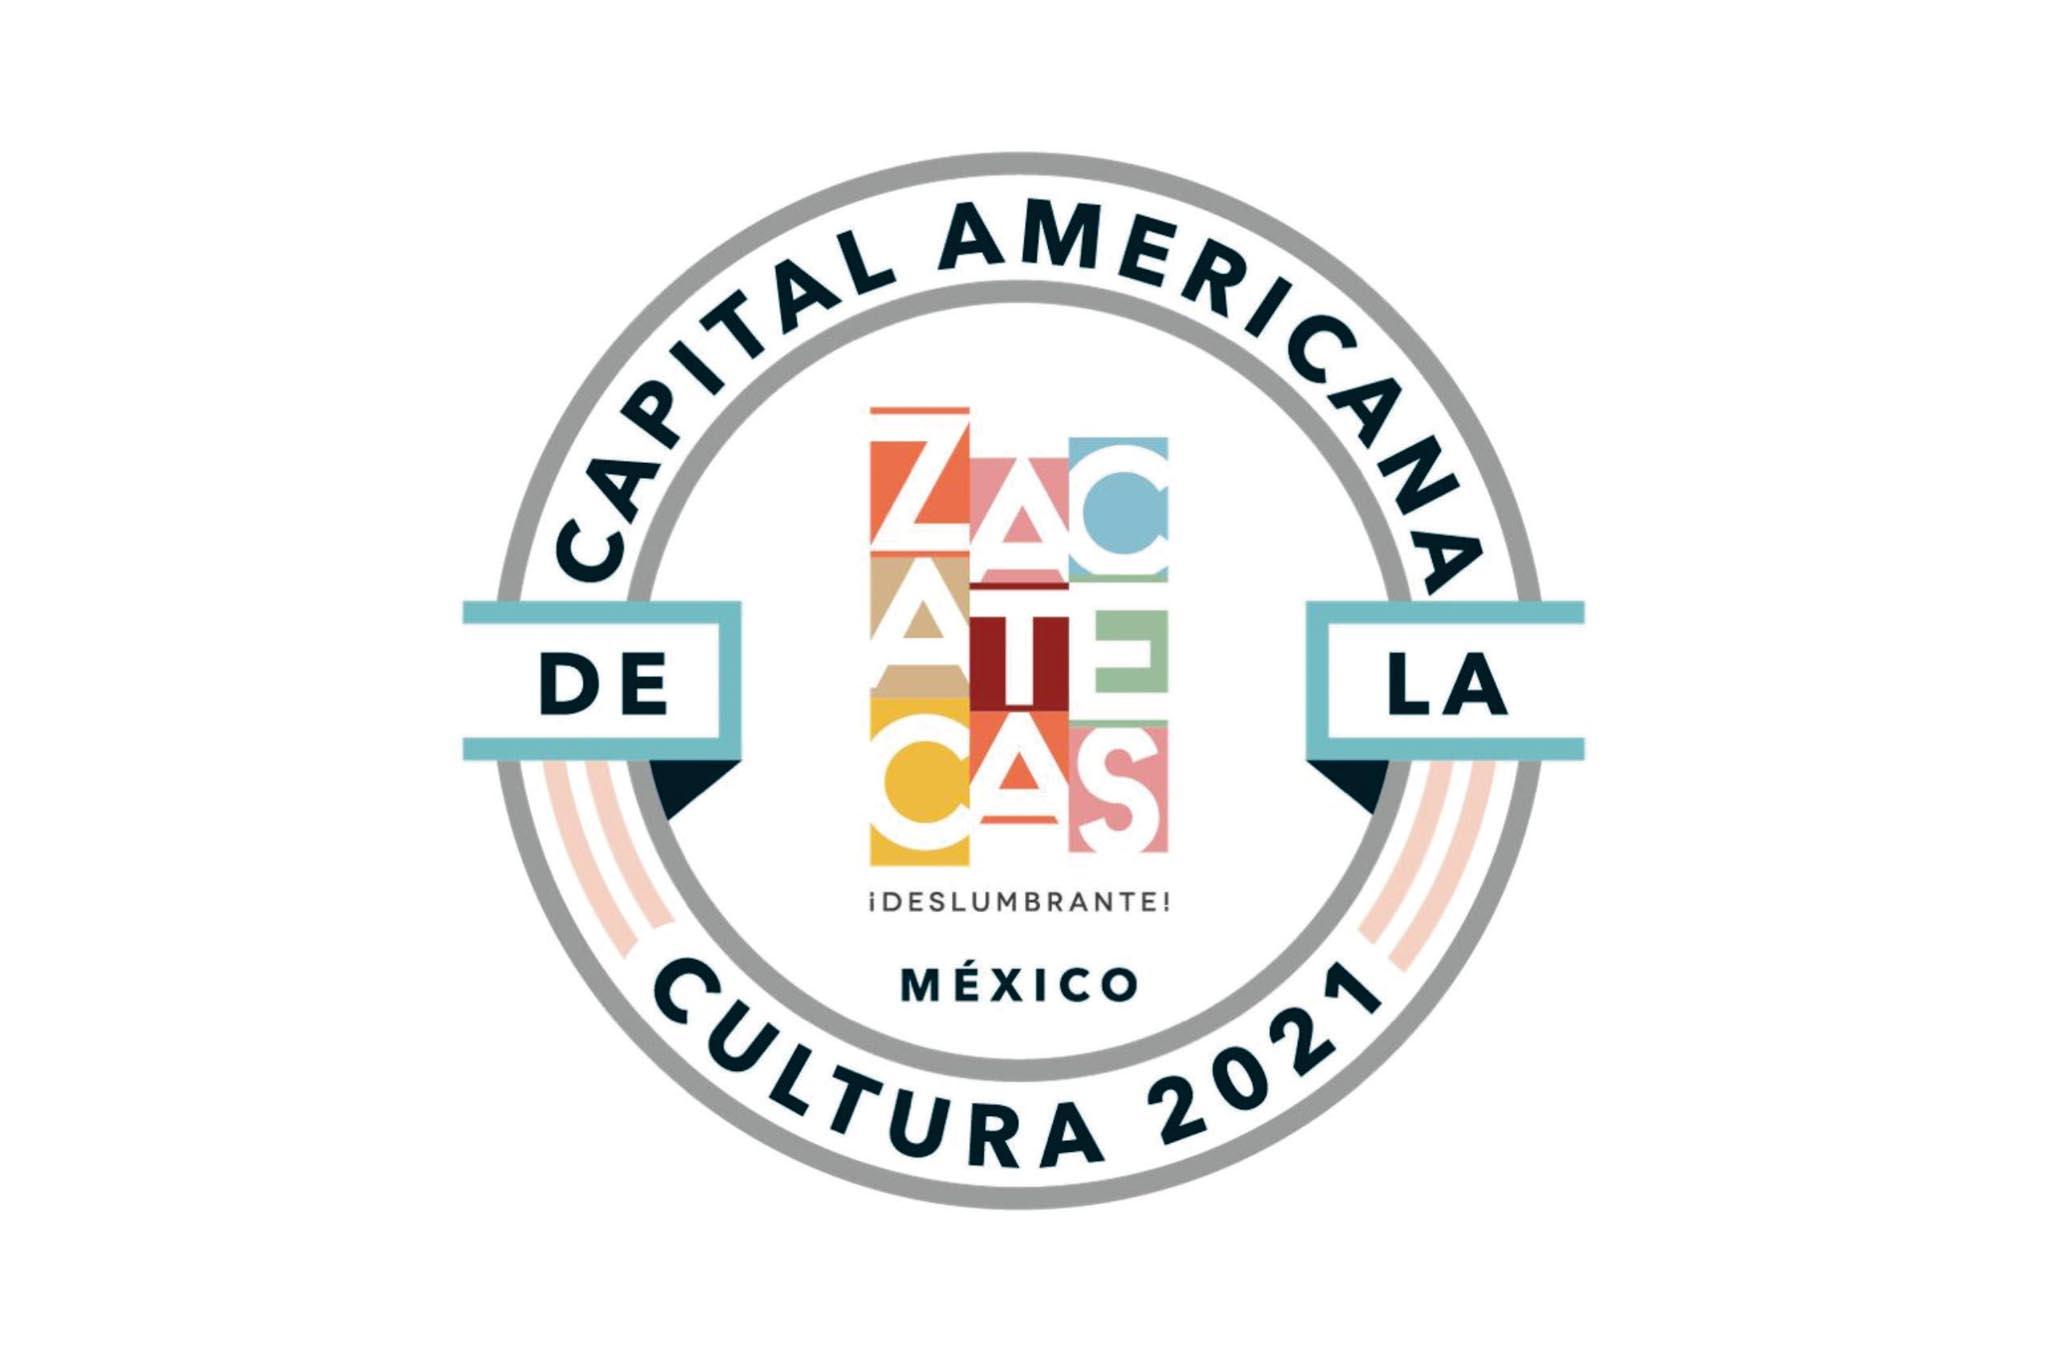 Recibirá Zacatecas, estafeta de Capital Americana de la Cultura 2021